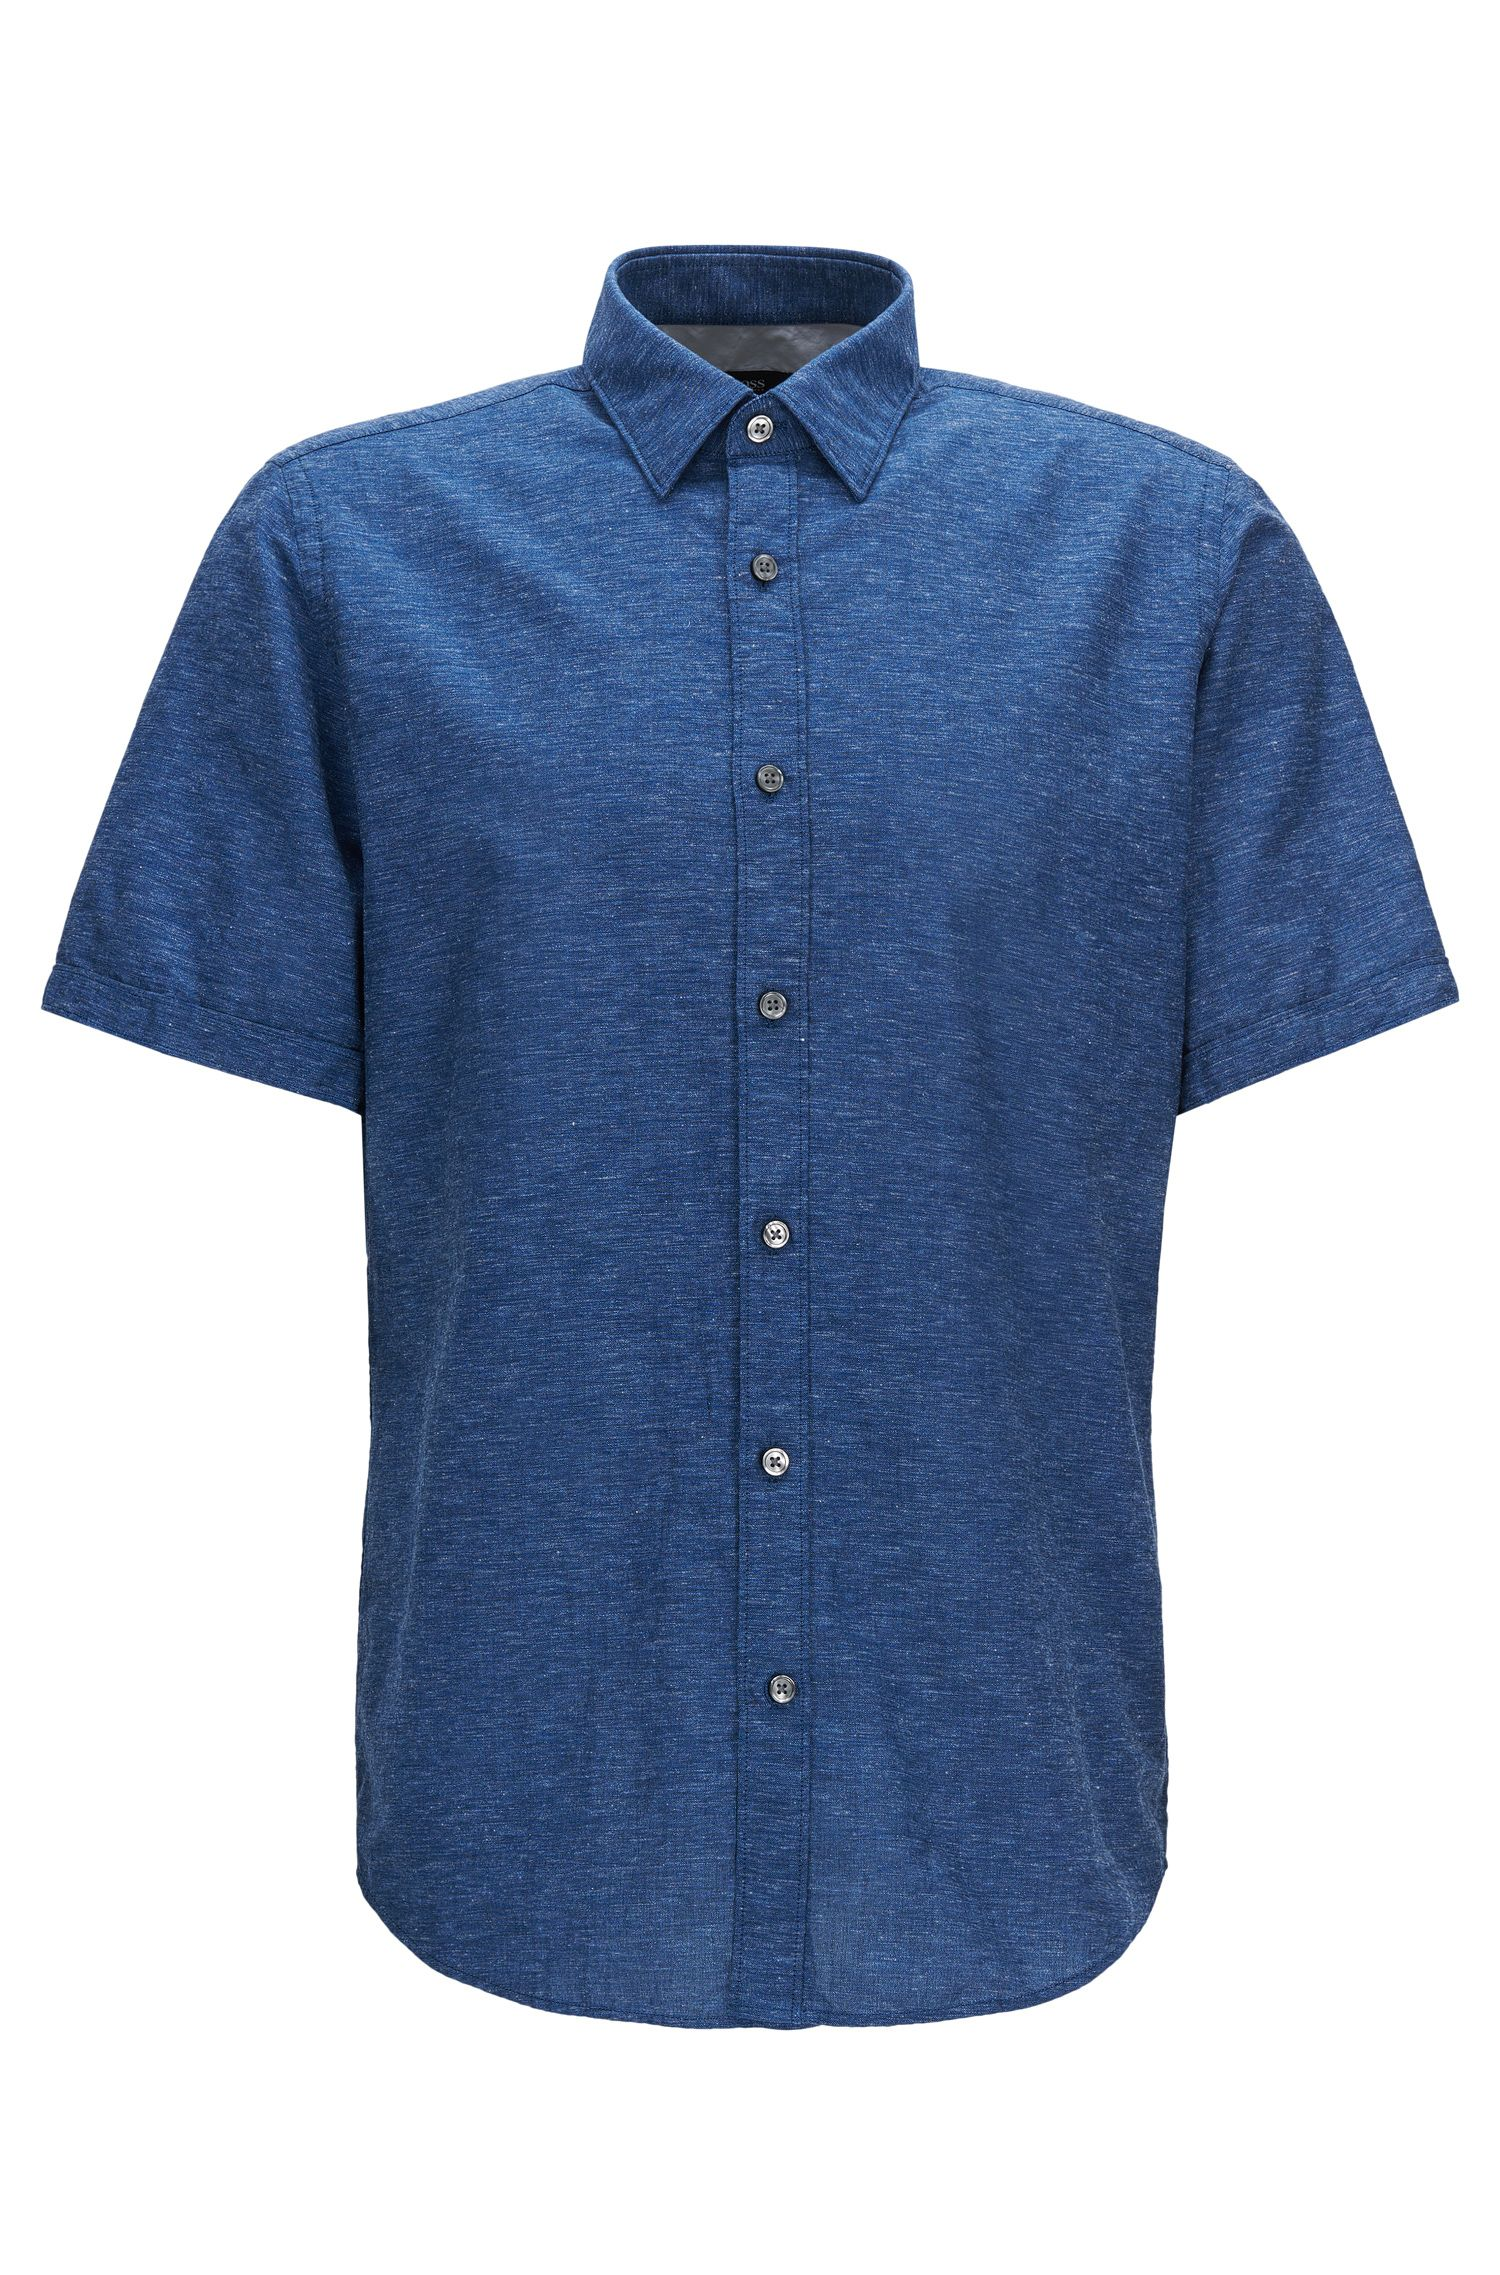 Regular-fit overhemd met korte mouwen, van een mix van katoen met linnen